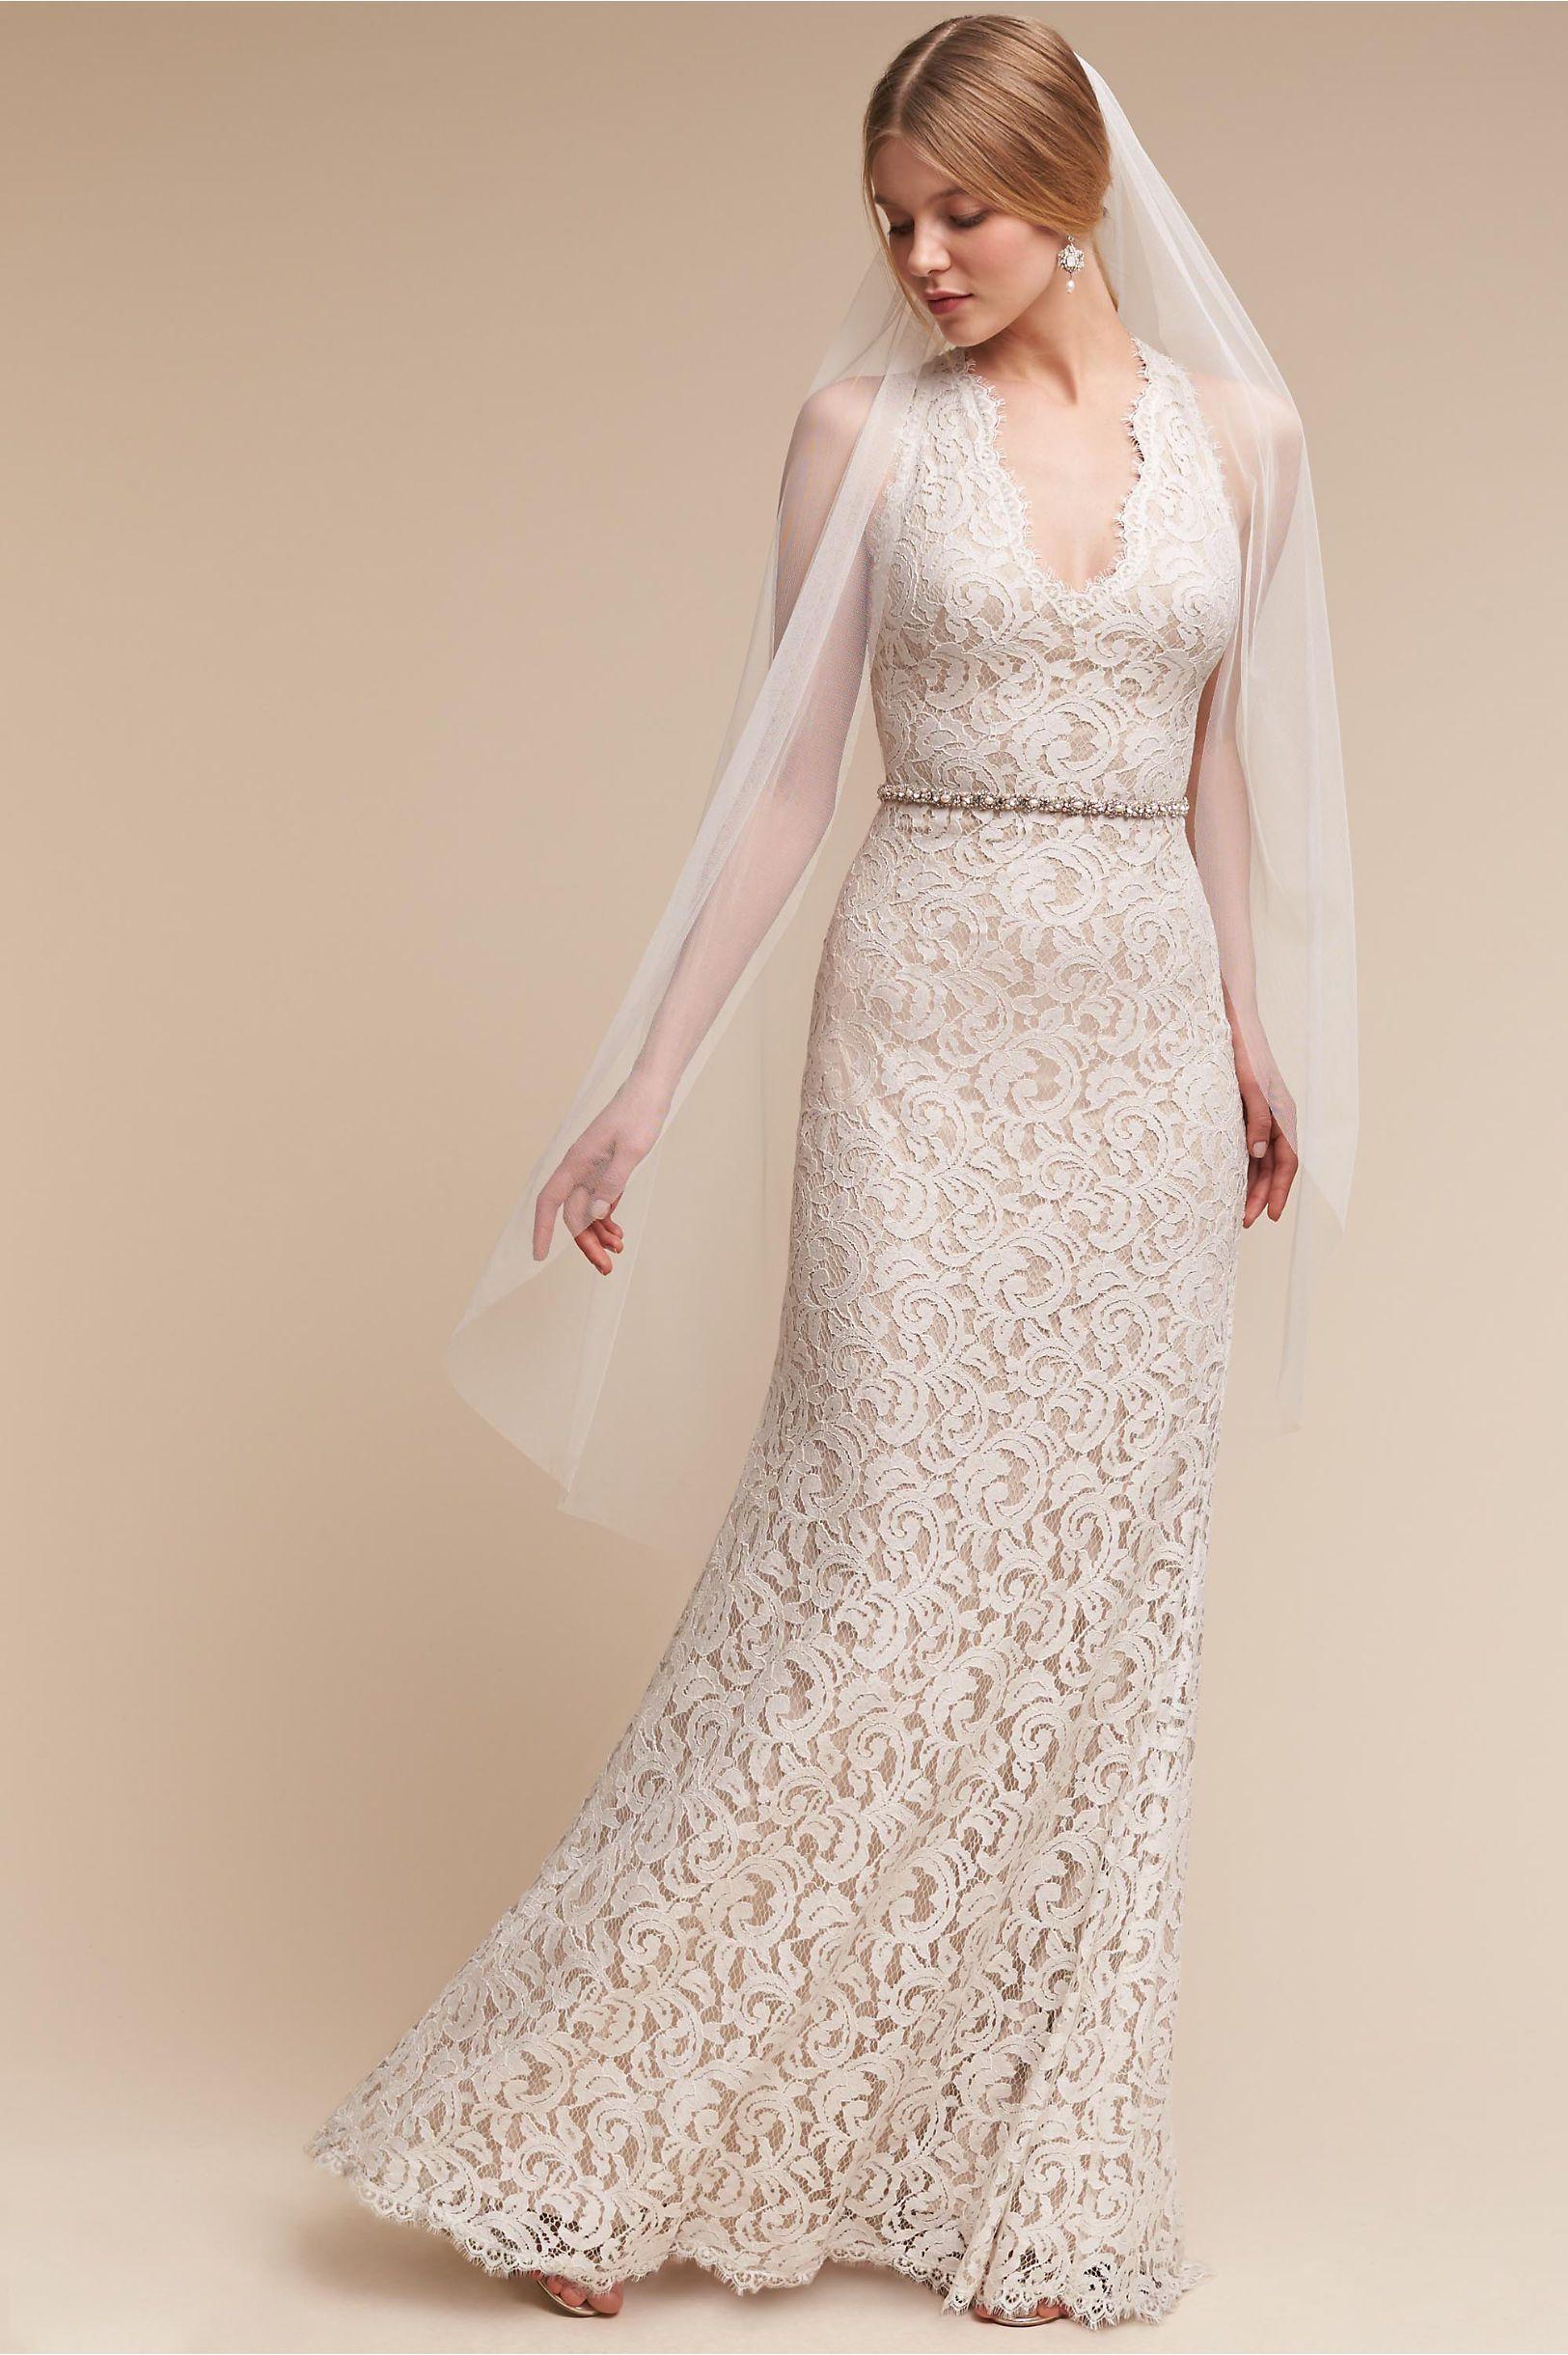 BHLDN Cheyenne Gown in Bride Wedding Dresses Gowns Under $1000 ...